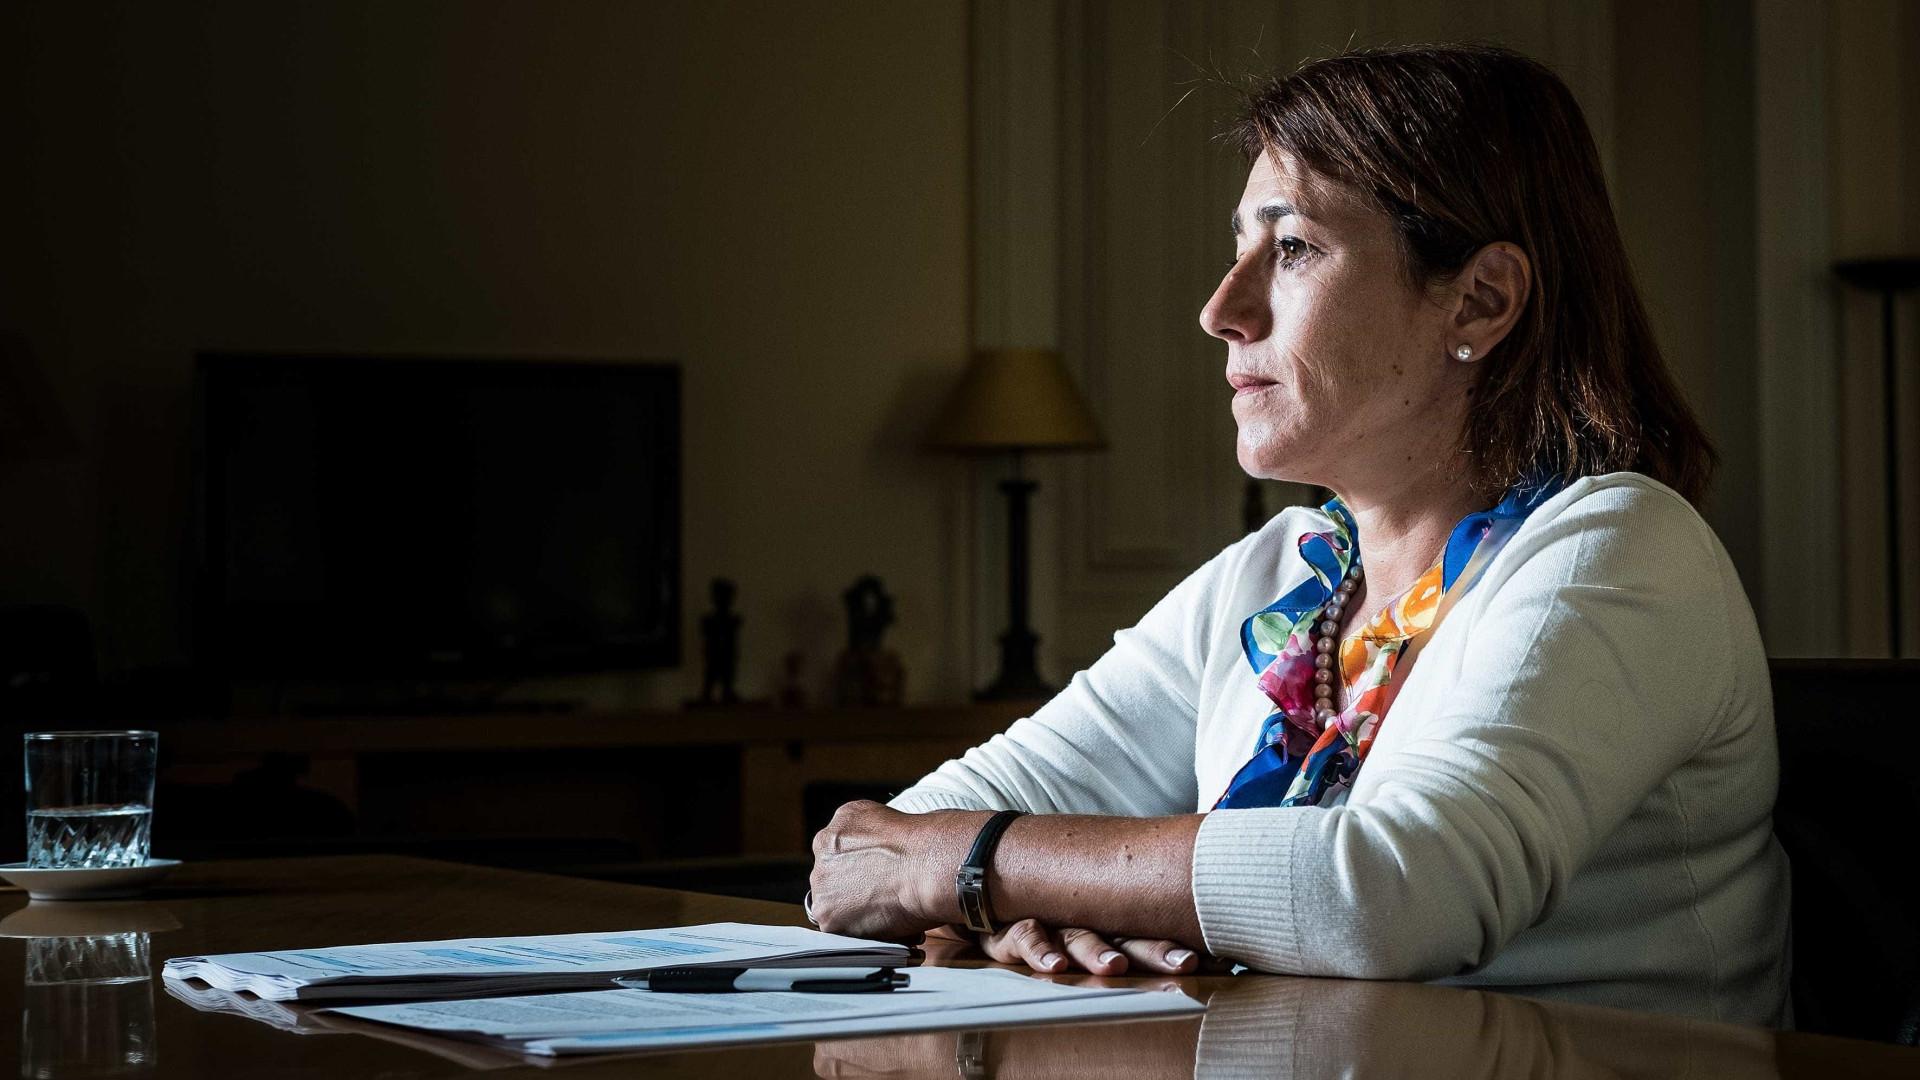 """Furto de armas """"preocupa"""" ministra que aguarda conclusão de investigações"""